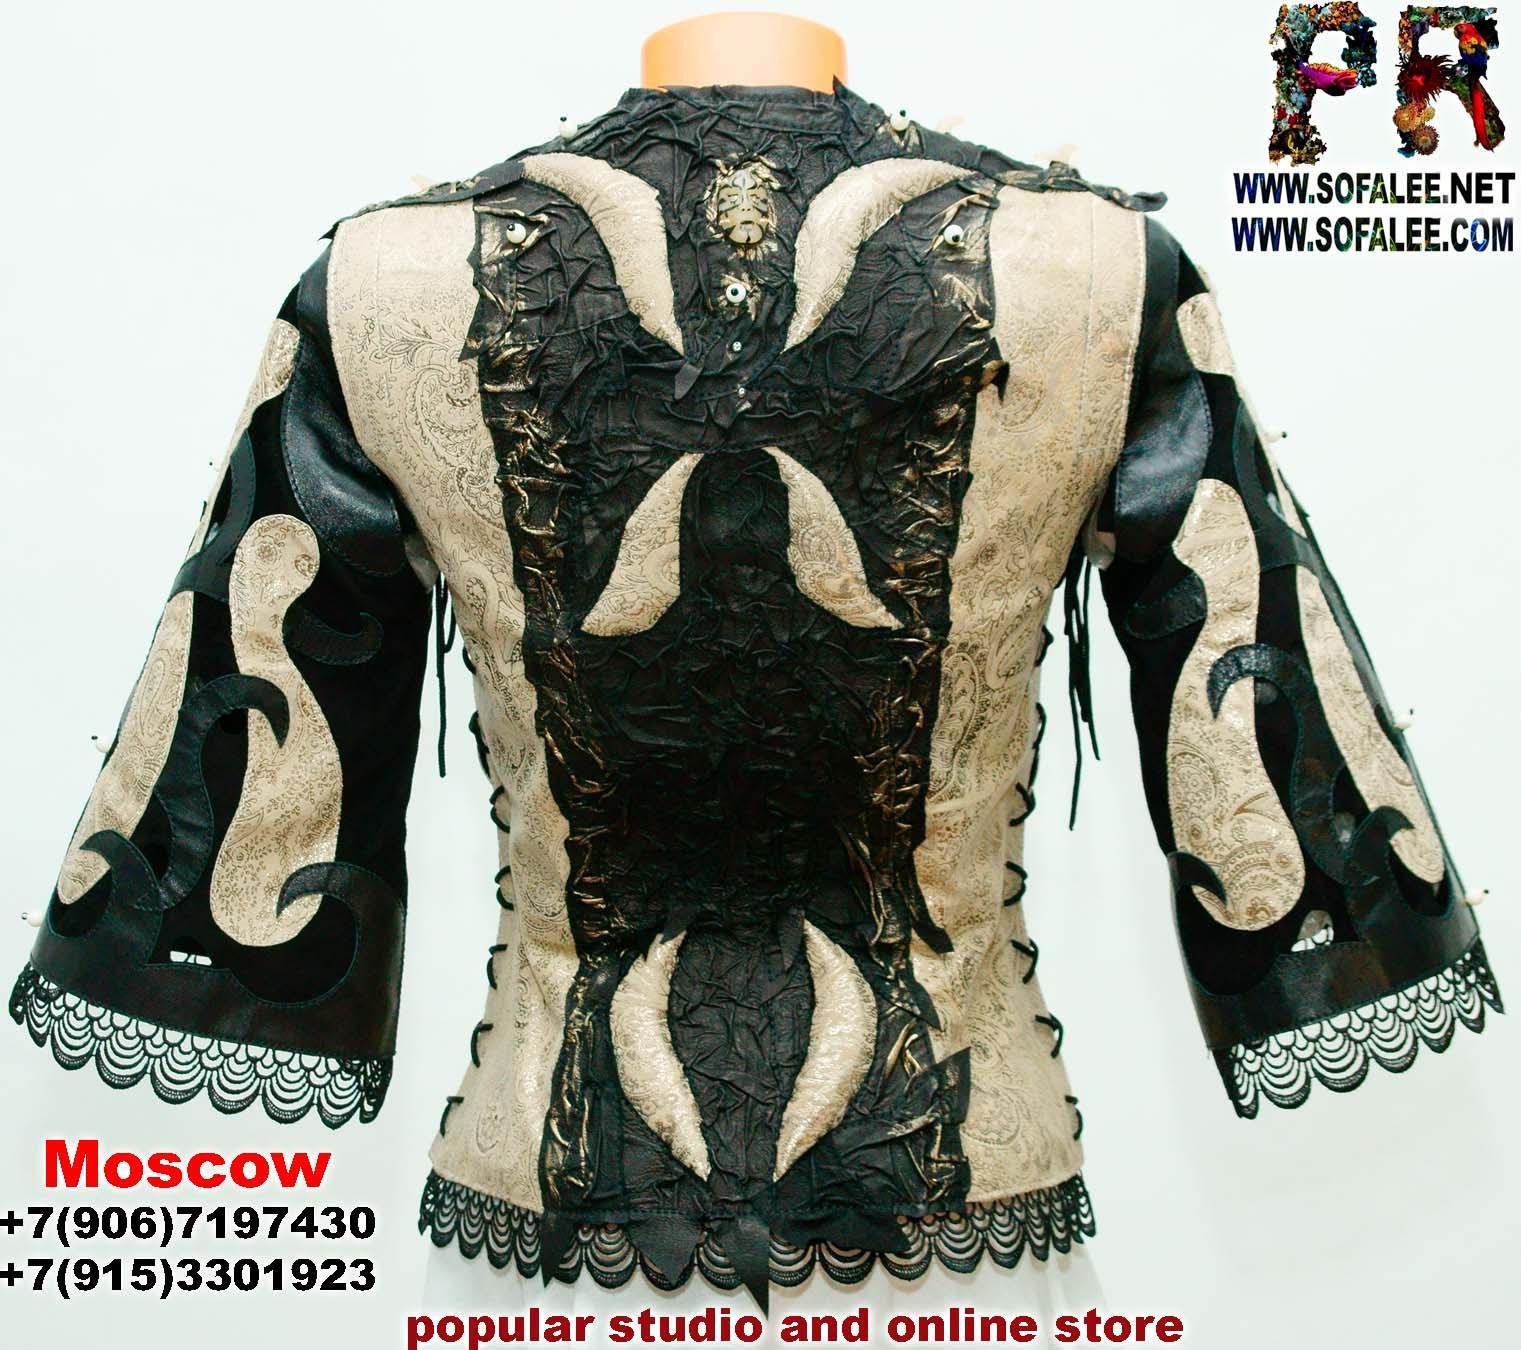 женская куртка жилетка кожаная 08